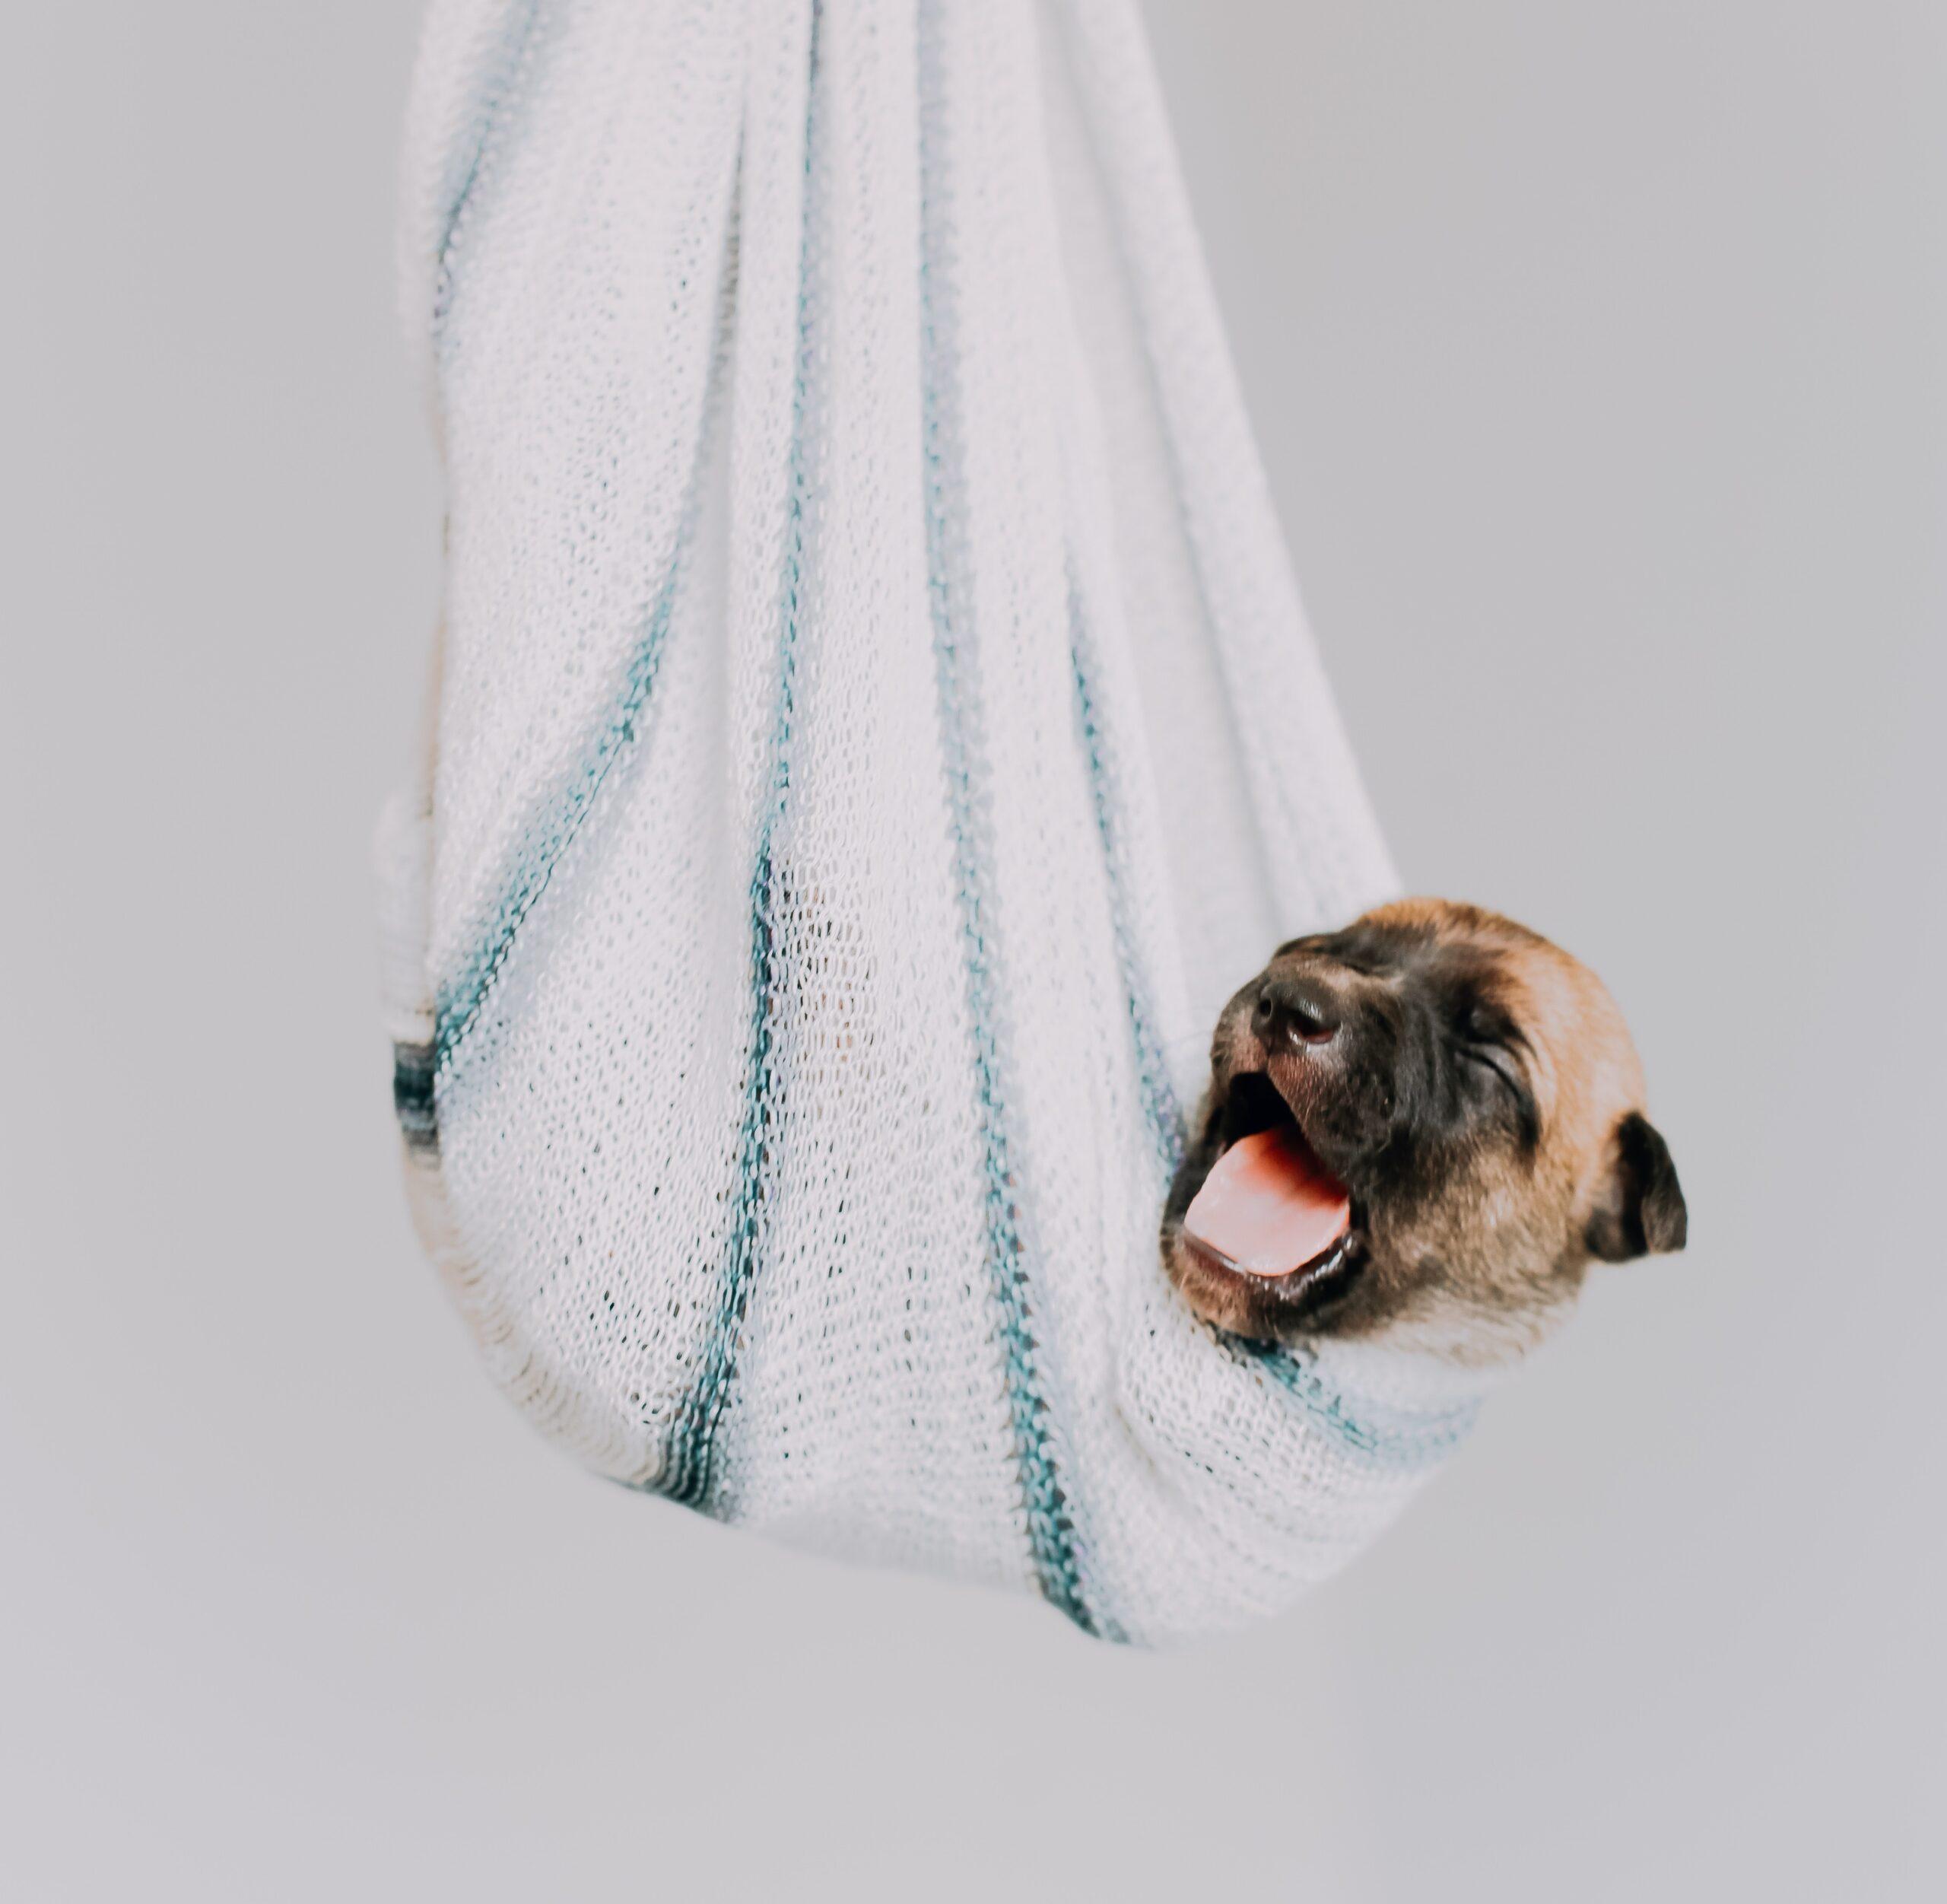 huisdier hond baasje hechting oxytocine